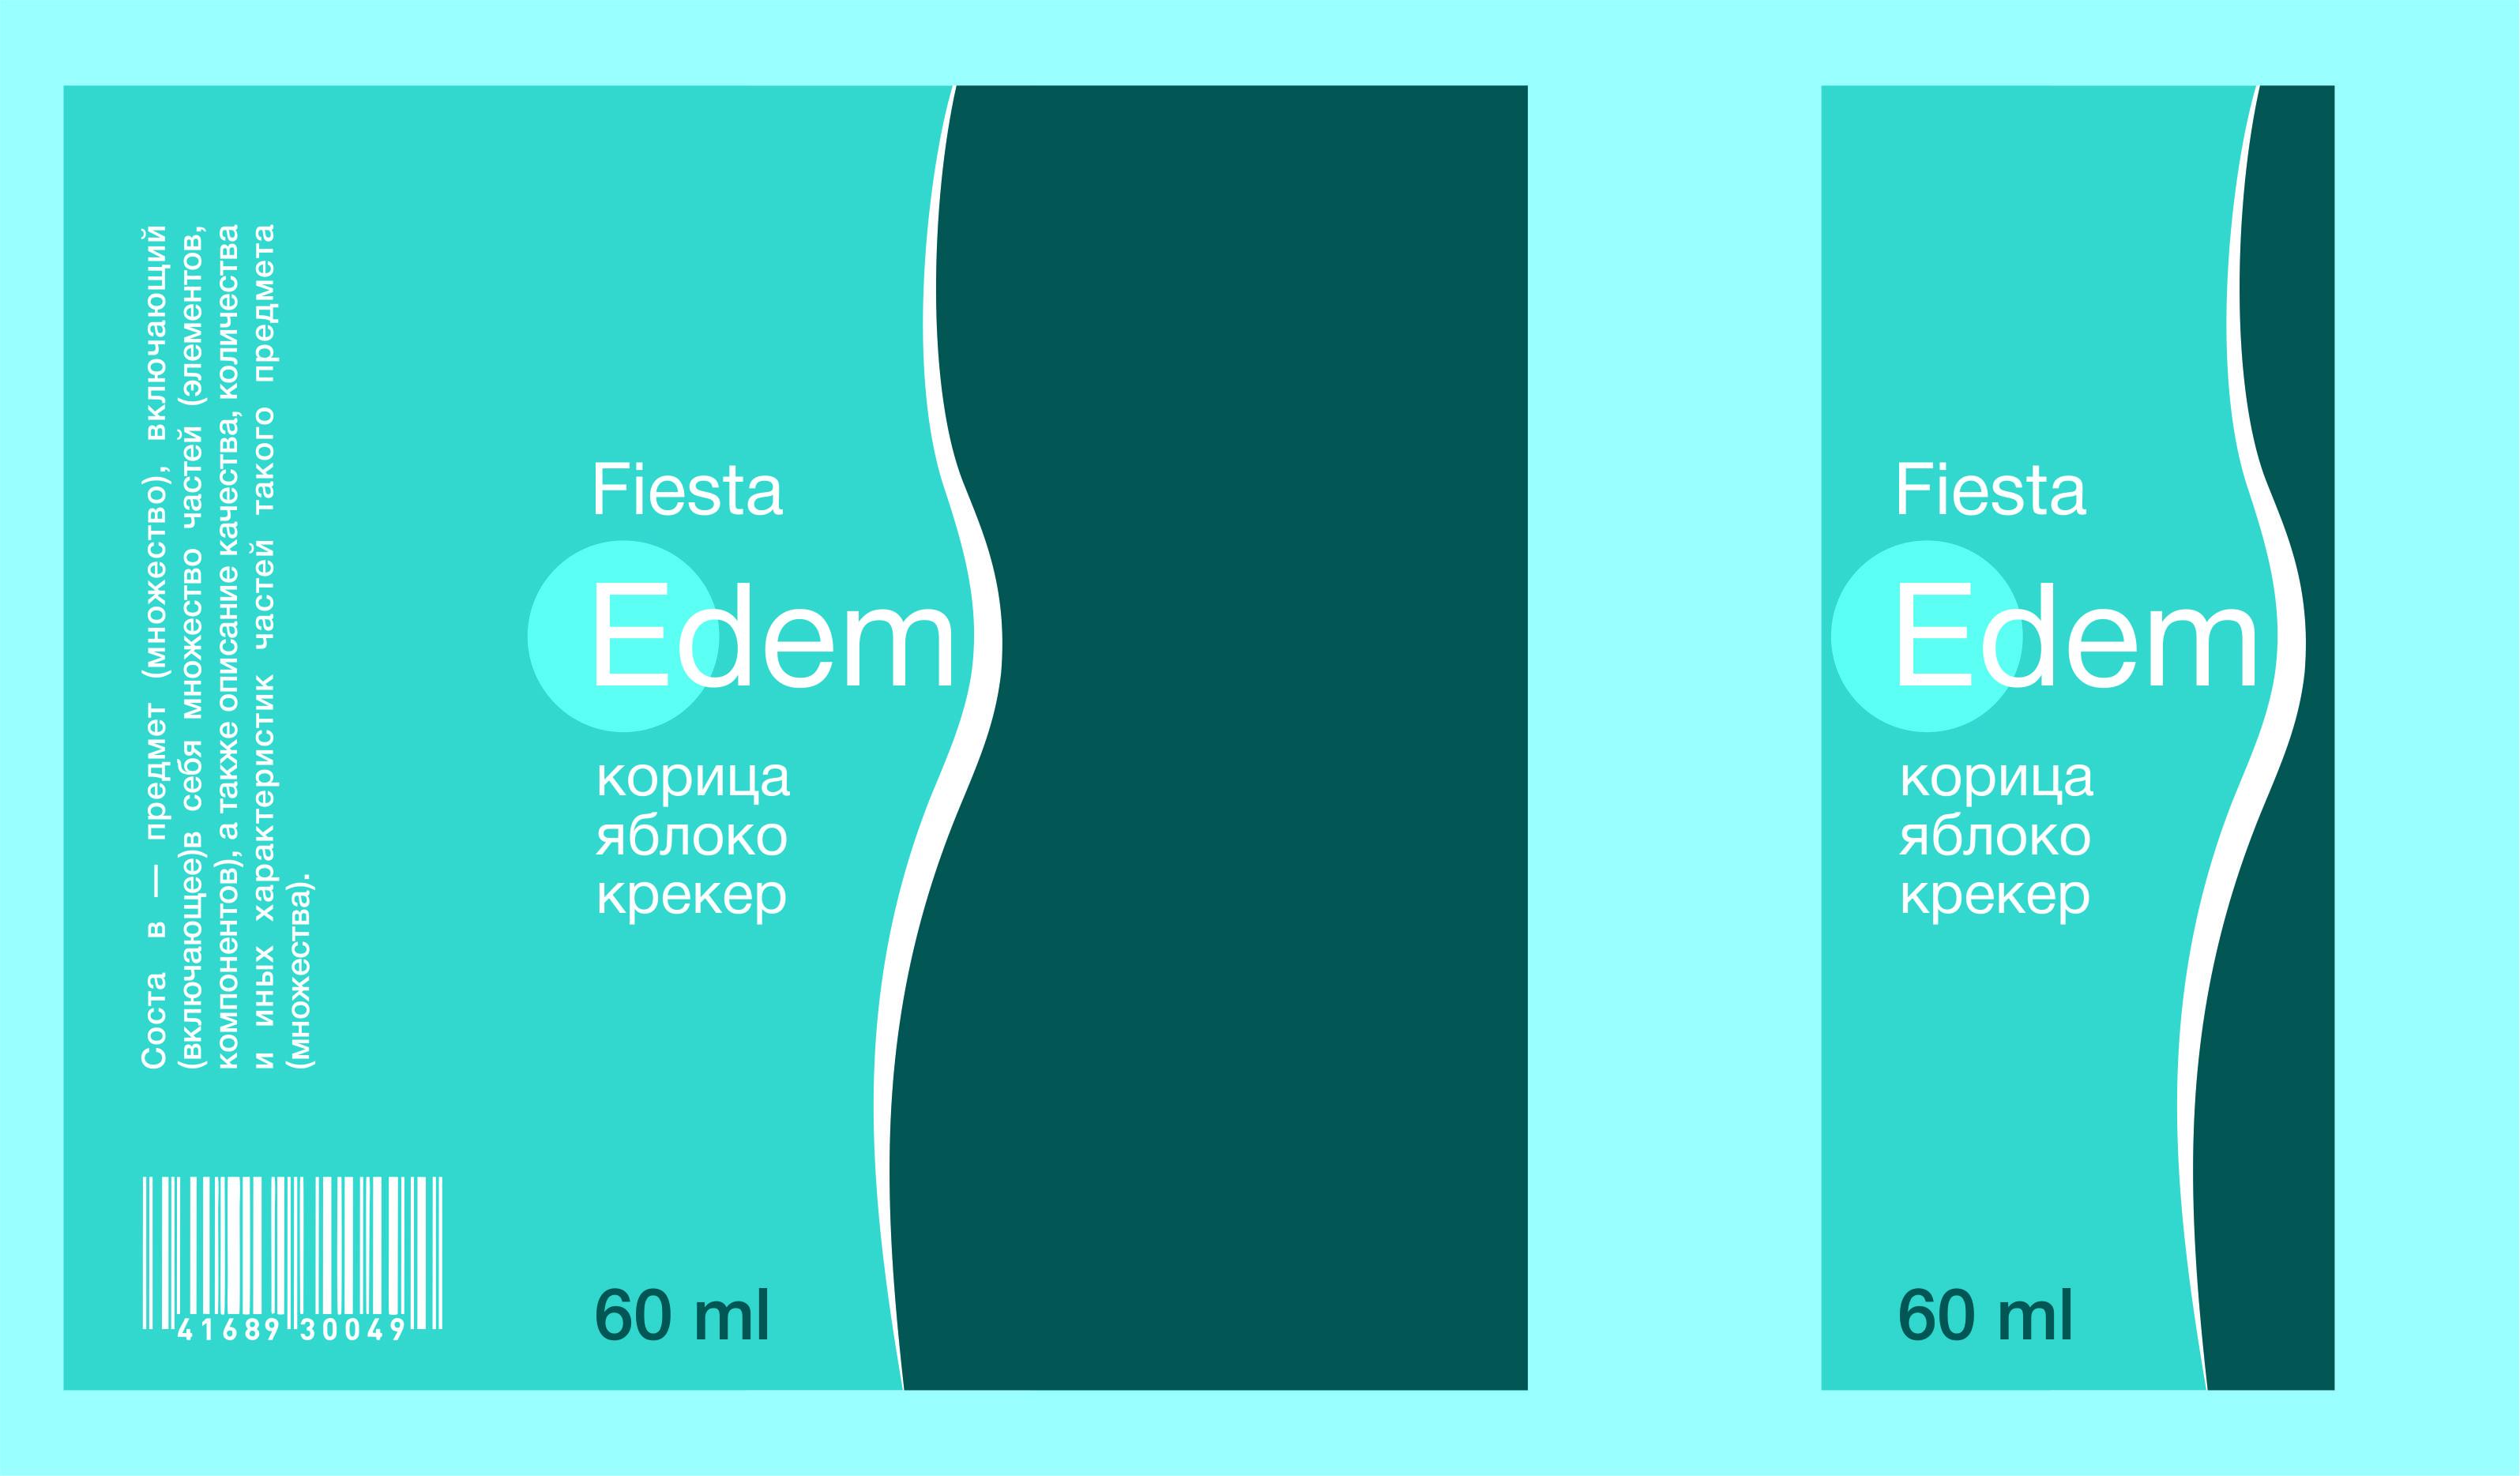 Этикетка для жидкости электронных сигарет  фото f_32258fb277686c07.jpg